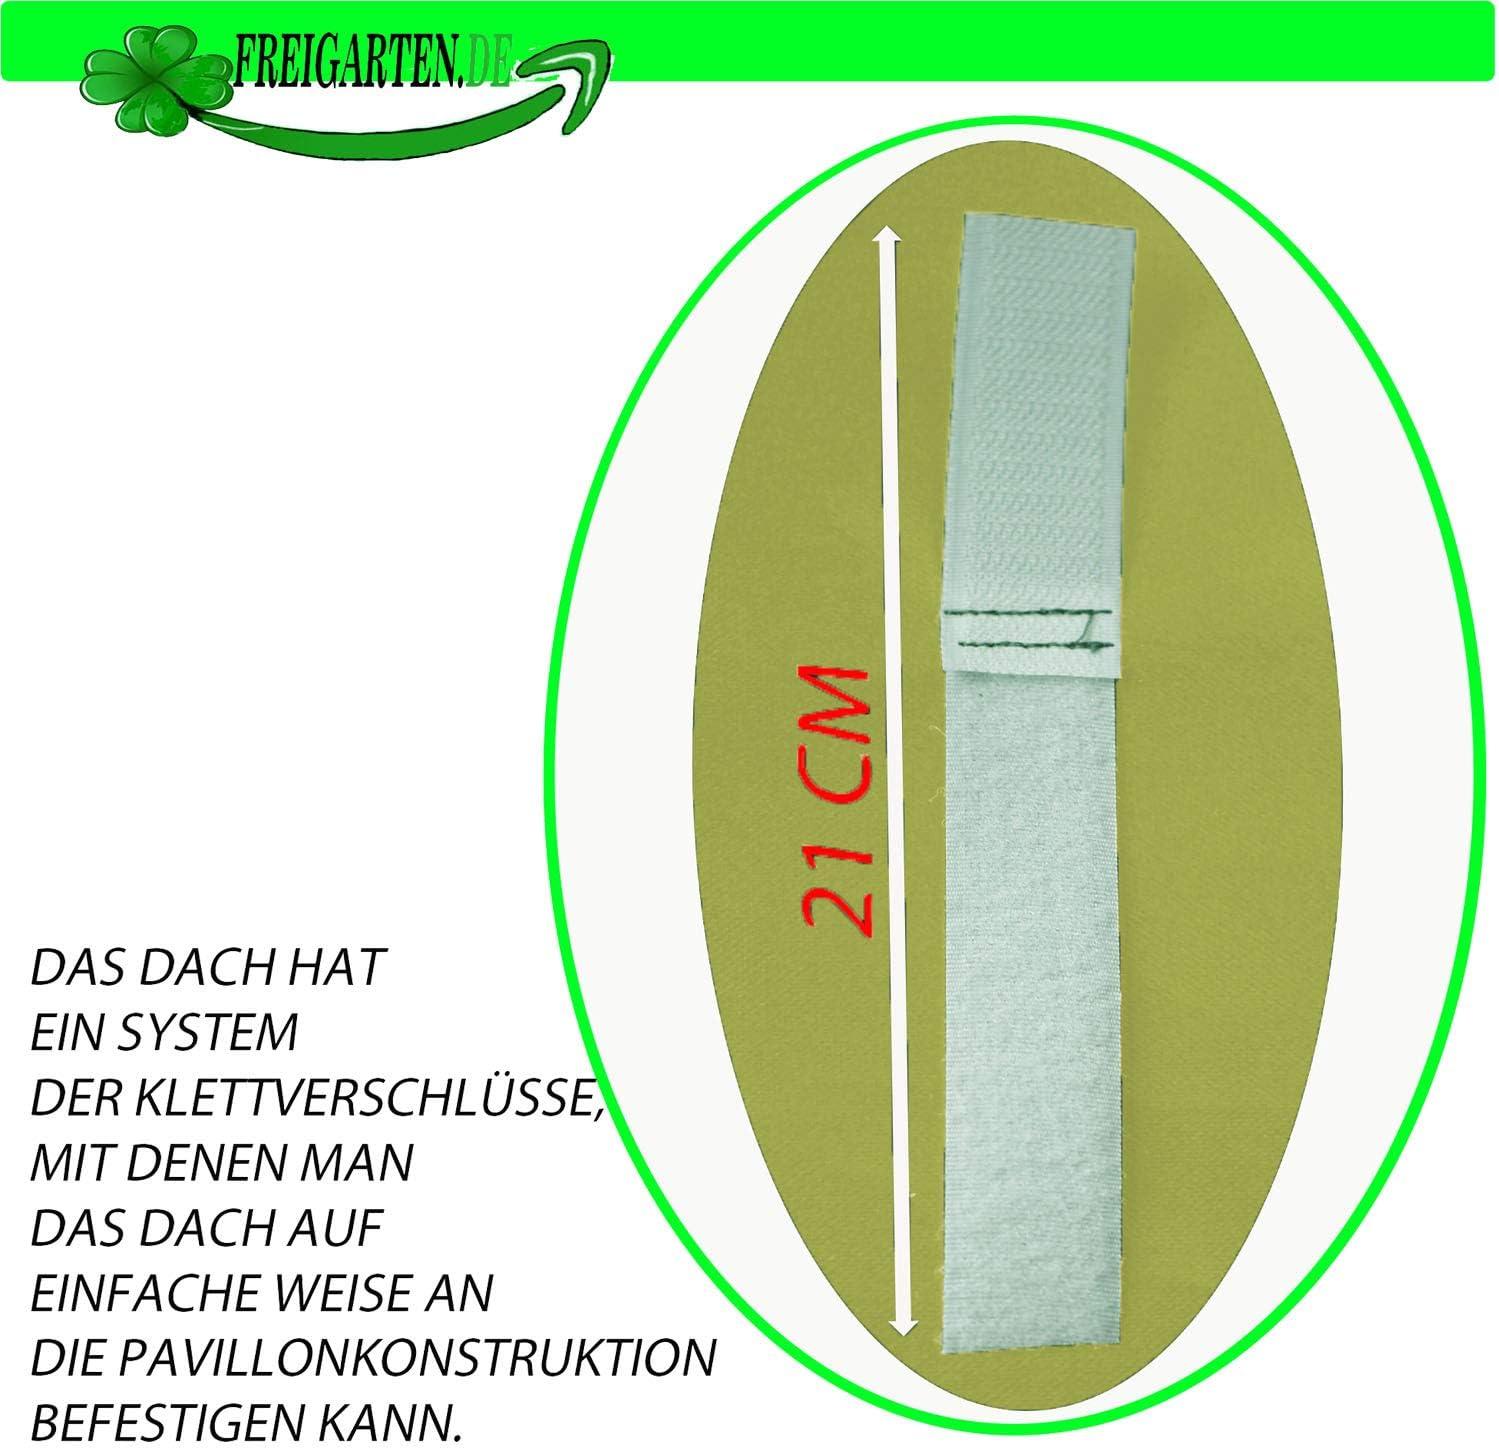 Impermeabile Tetto di Ricambio per Gazebo 3 x 3 m Sabbia Frearten.de Materiale: Panama PCV Soft 370 g//m2 Extra Forte Modello 3 Gazebo Antico